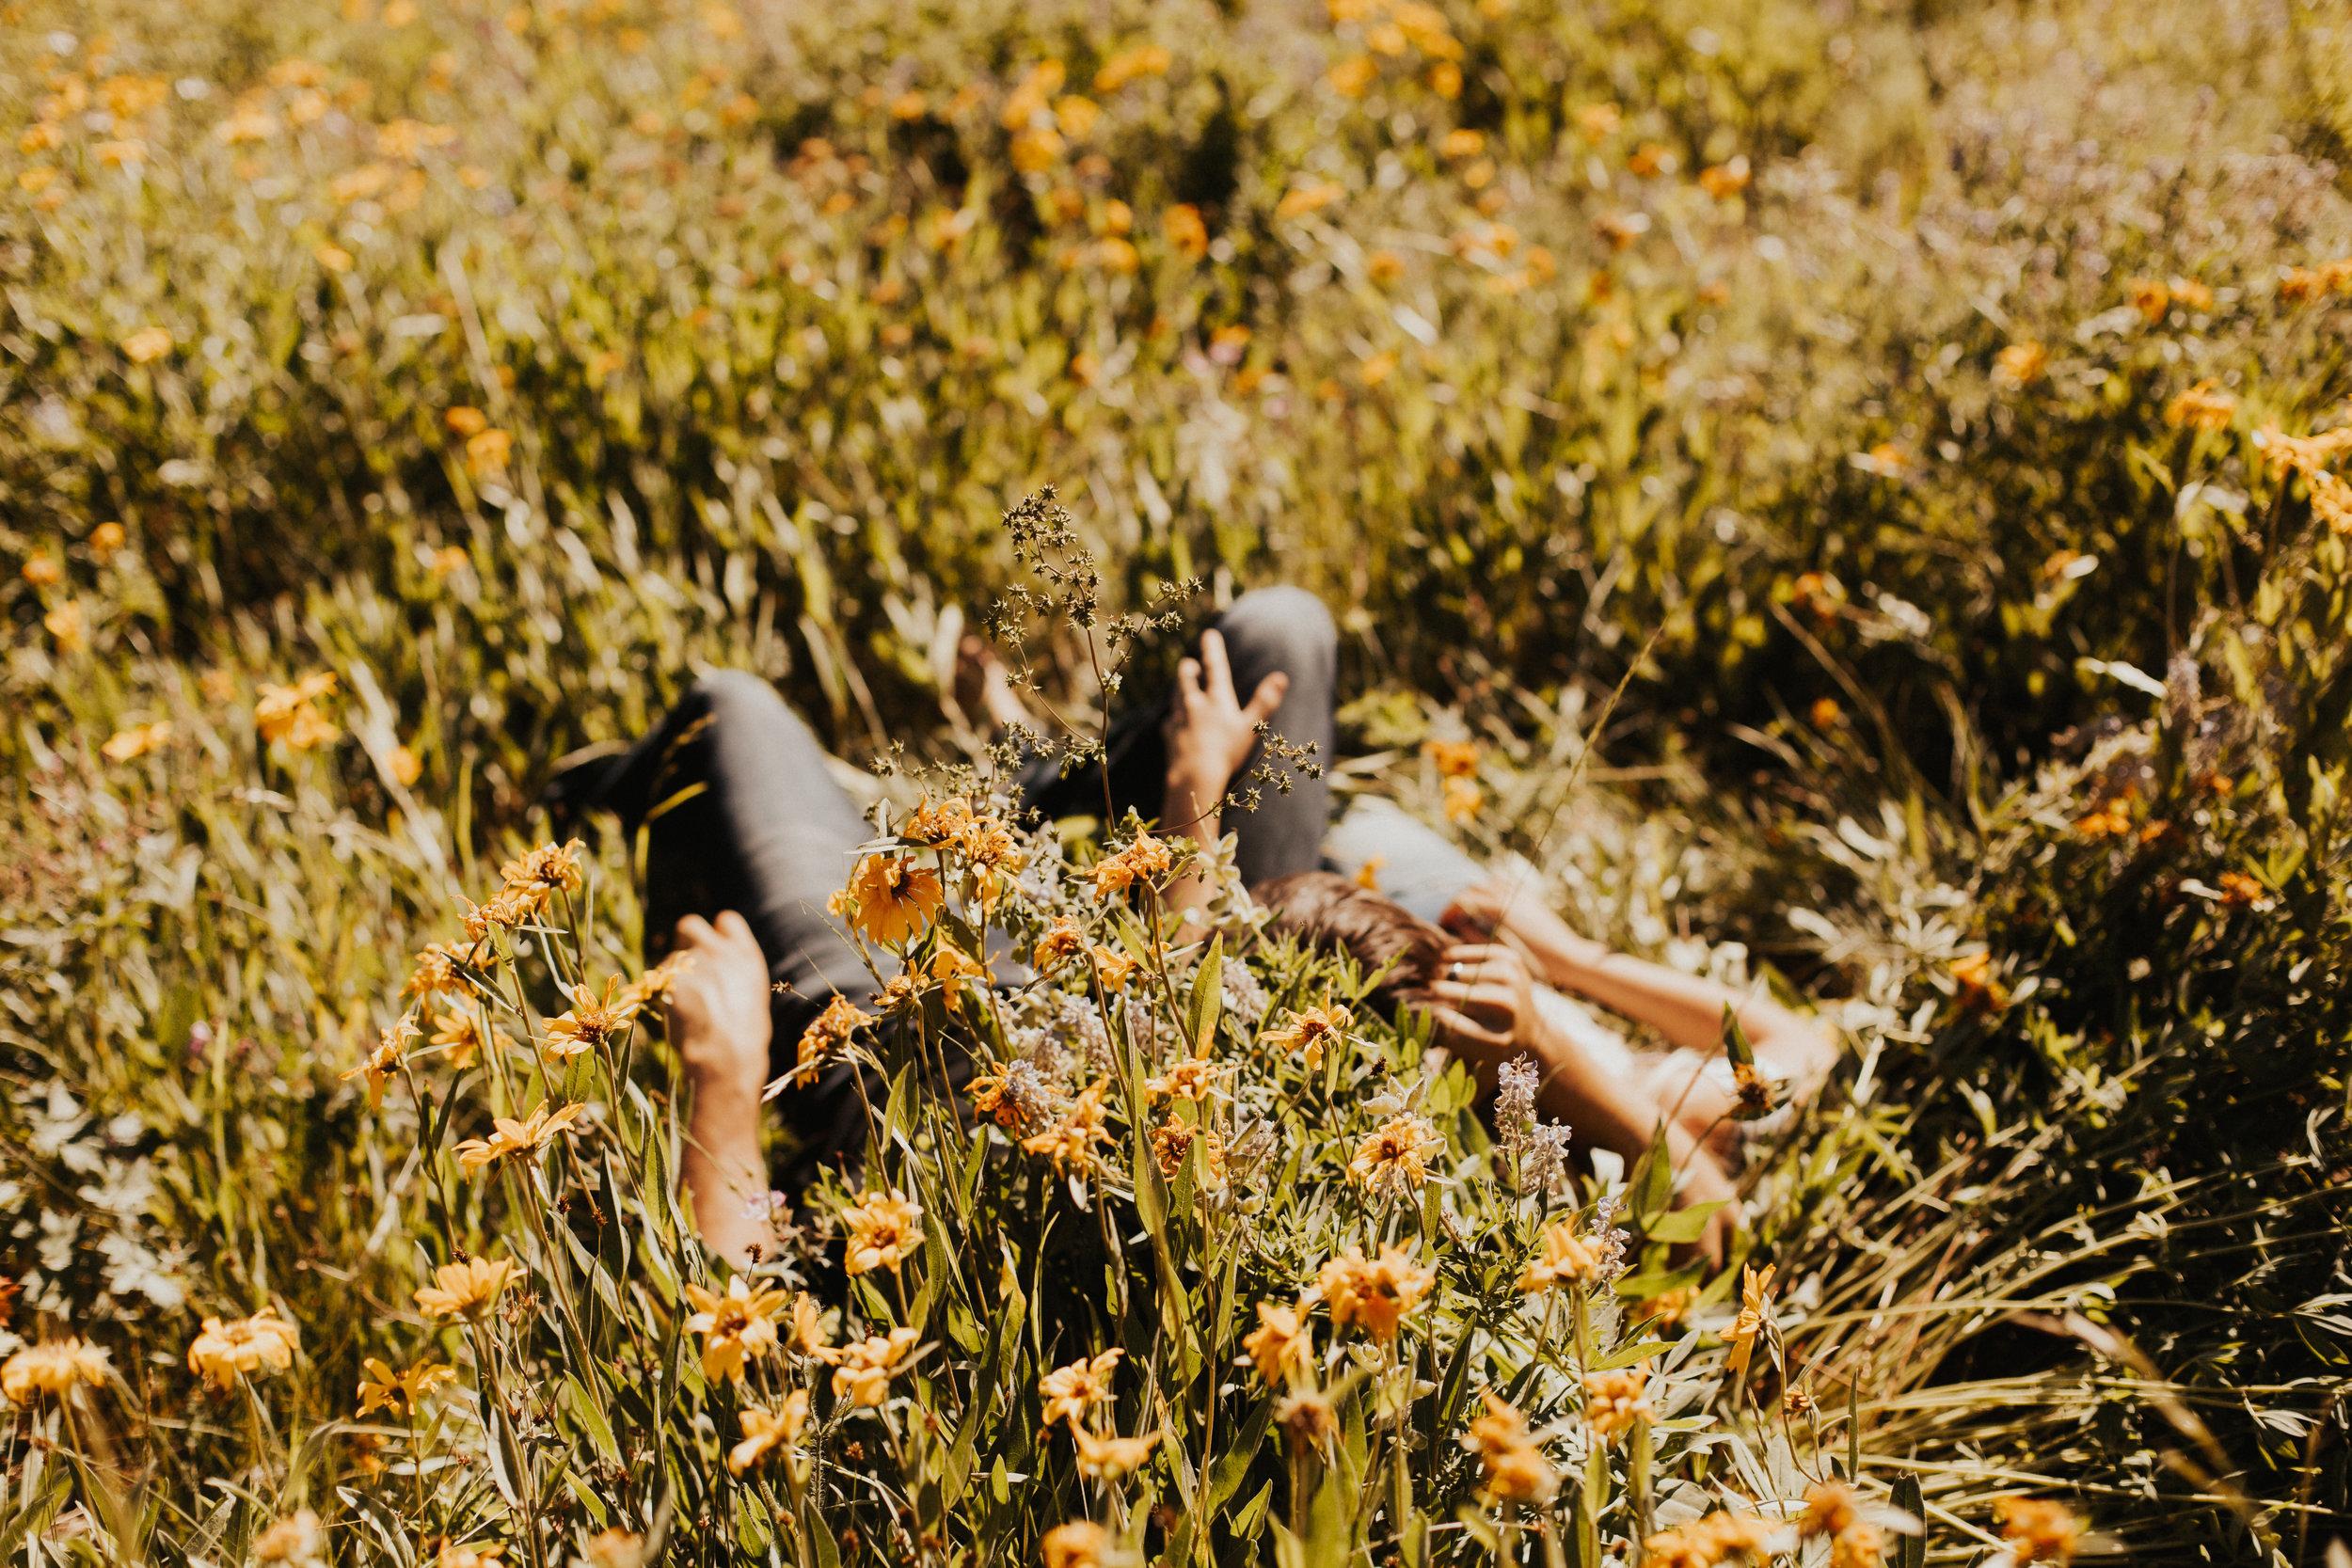 LeahNaomiPhotography_www.leahnaomiphotography.com_1J0A4312.jpg